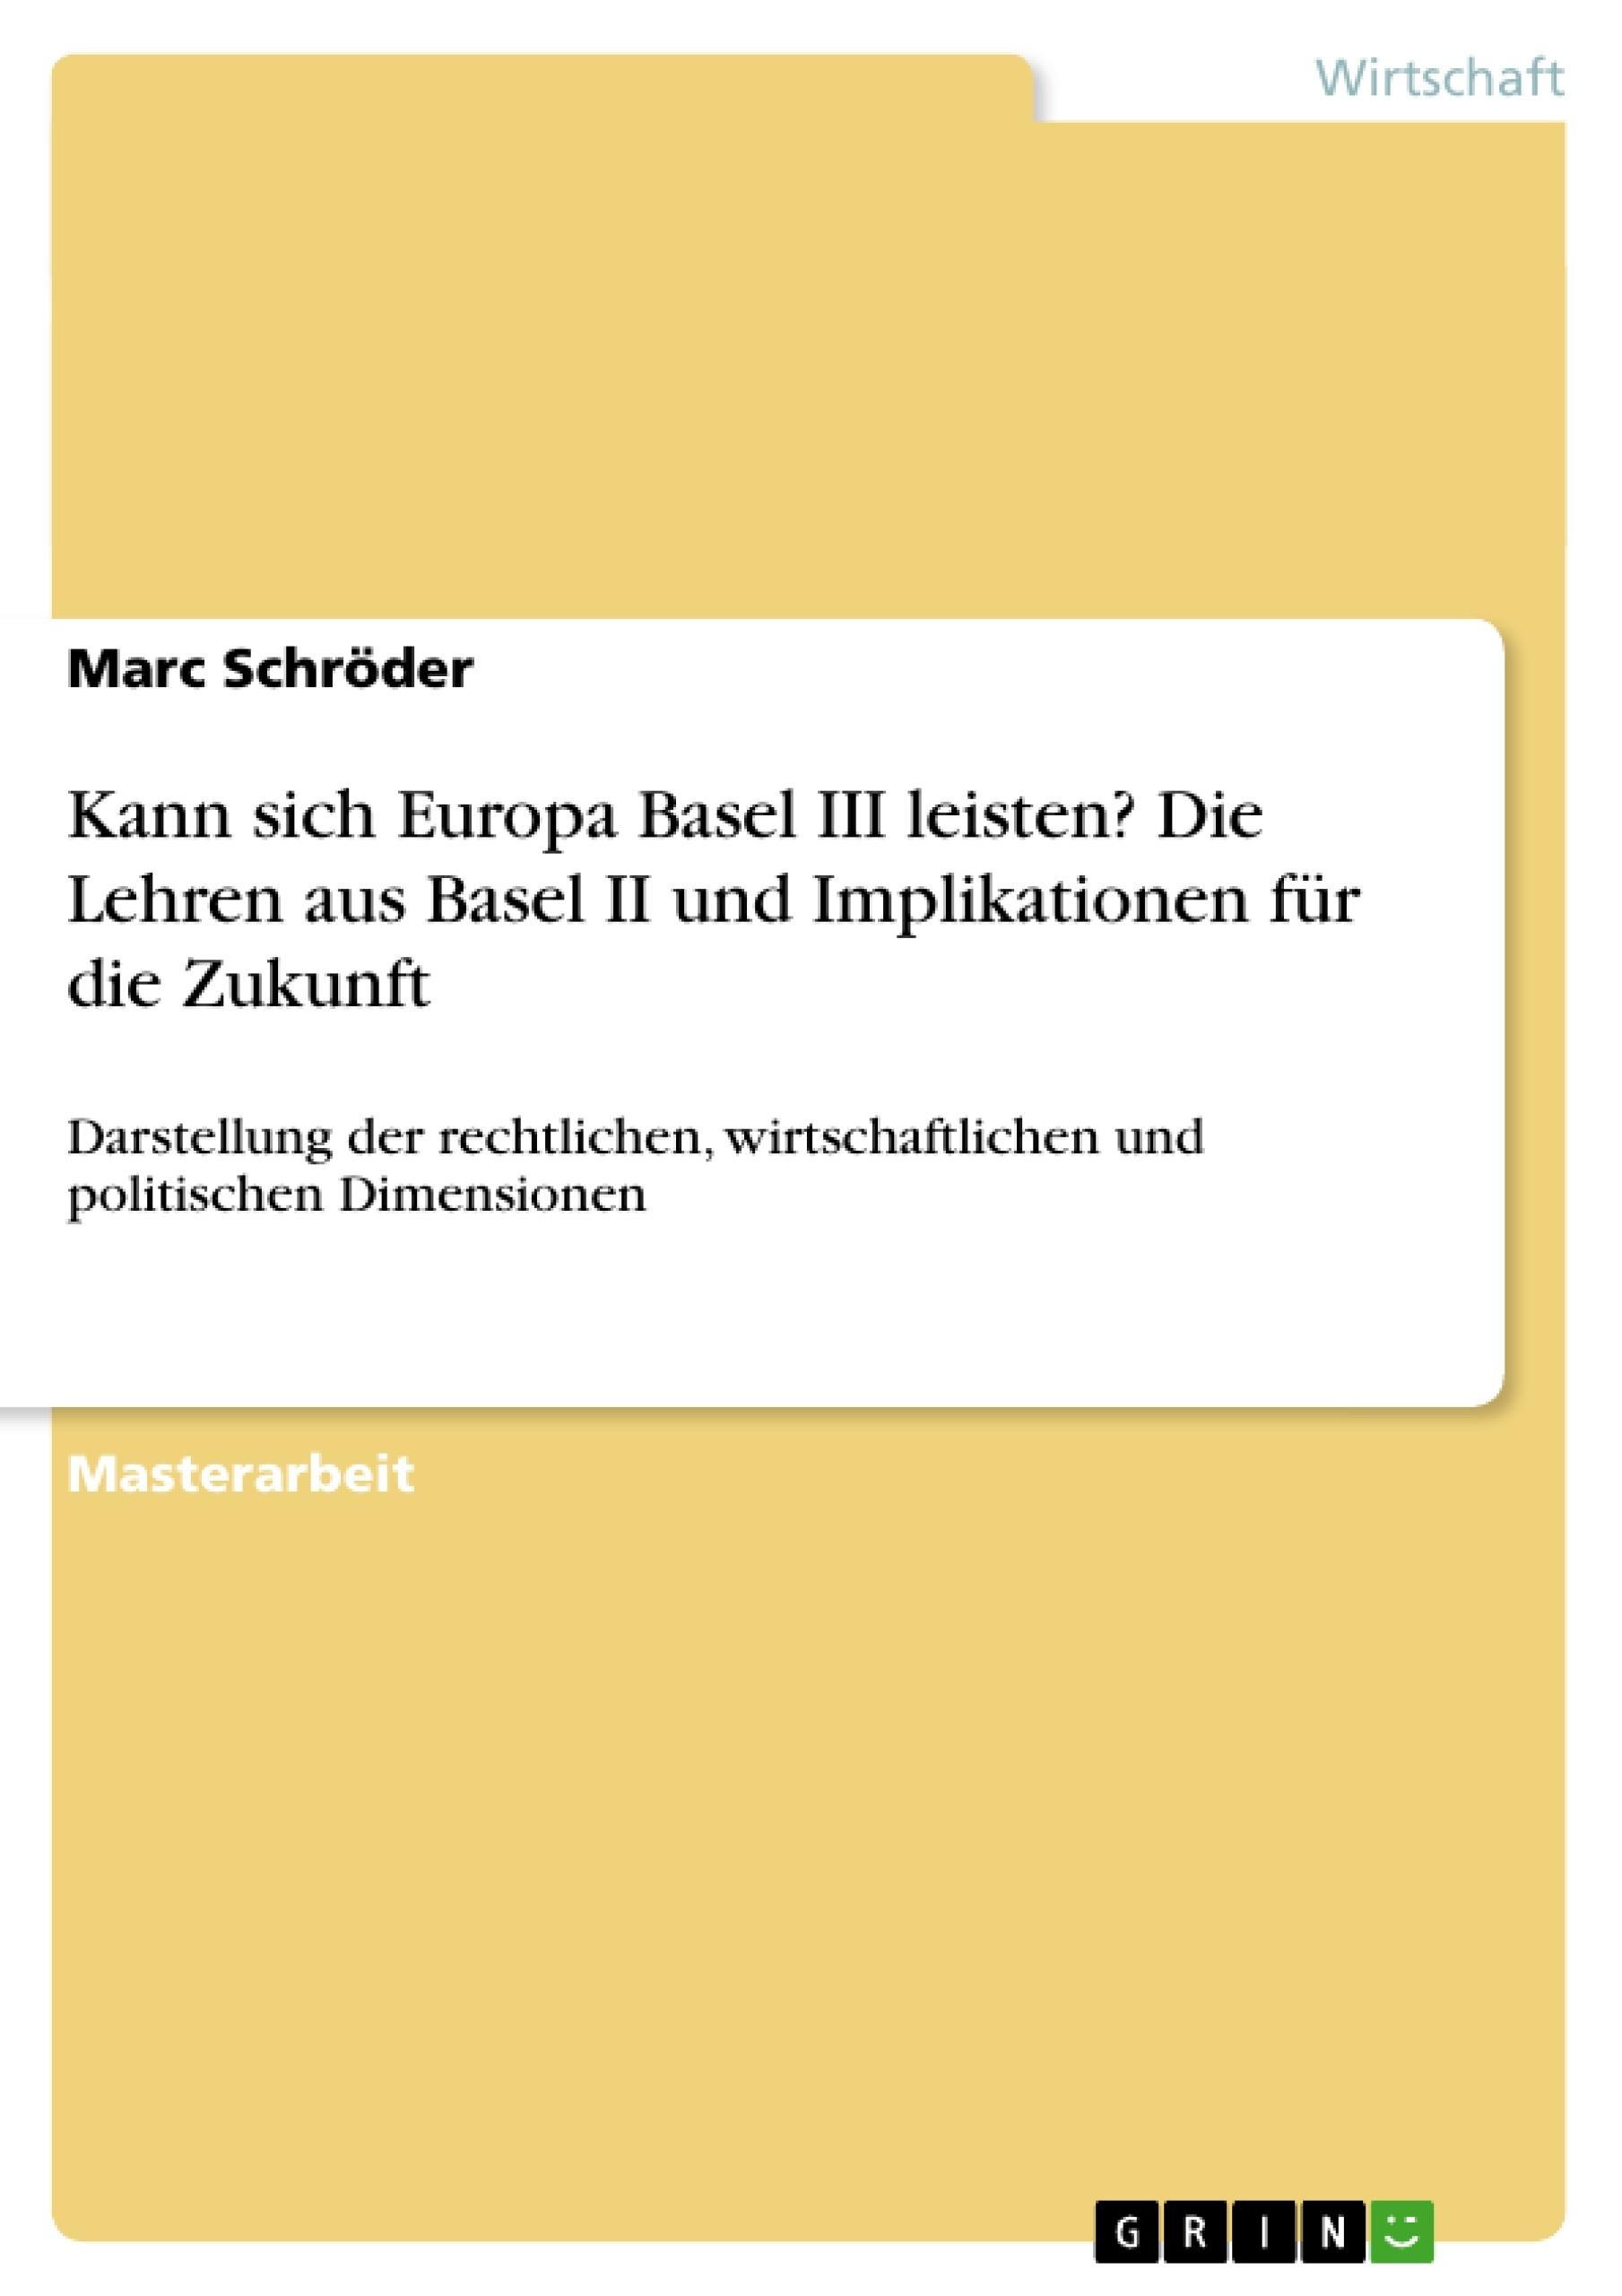 Titel: Kann sich Europa Basel III leisten? Die Lehren aus Basel II und Implikationen für die Zukunft